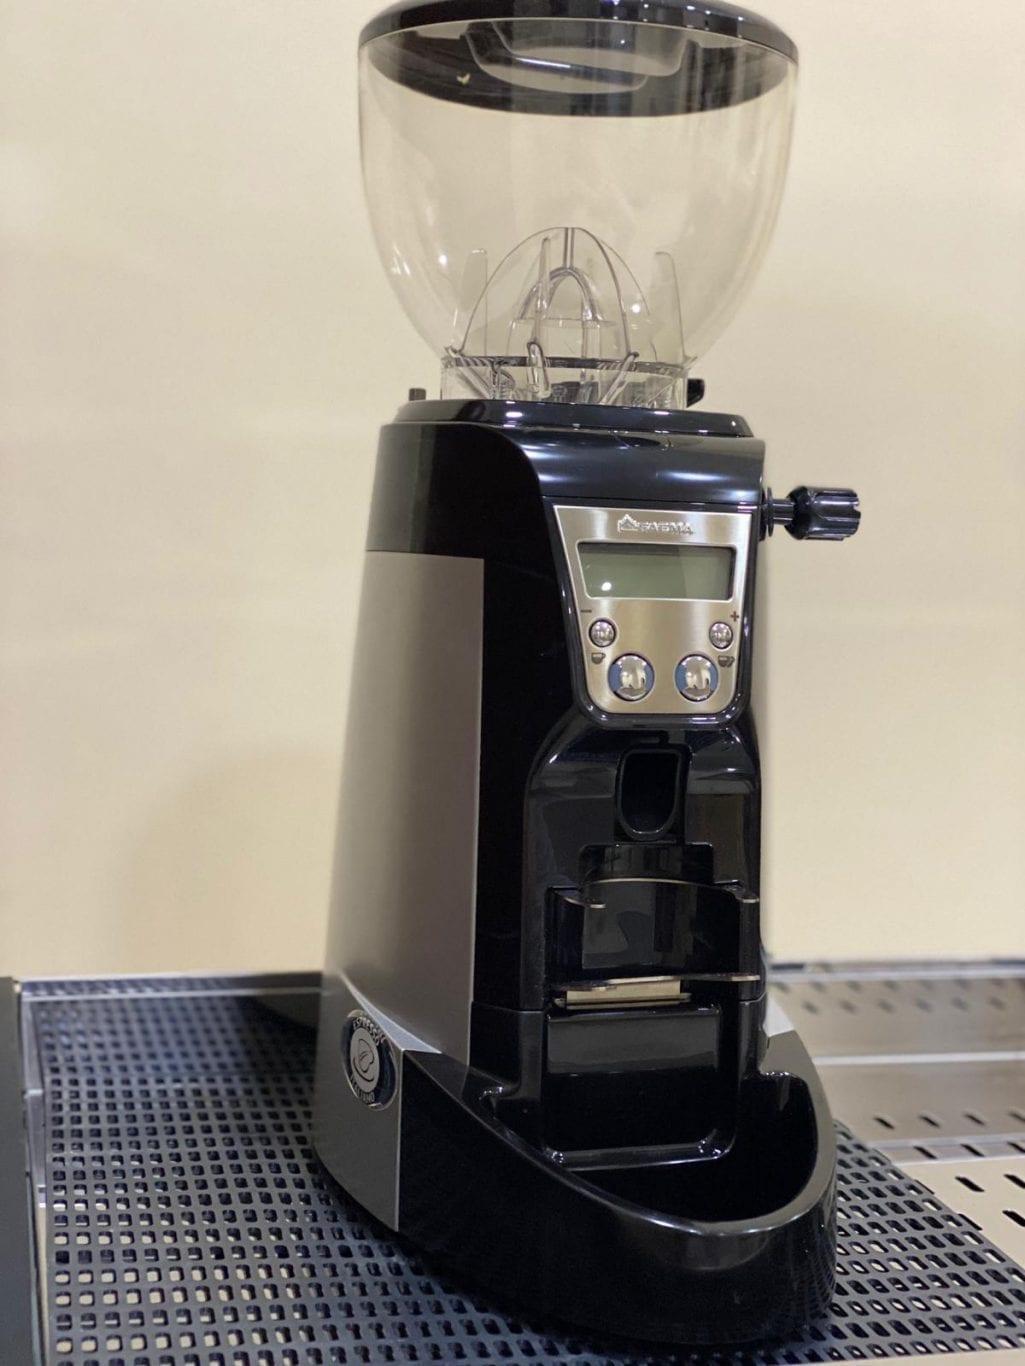 مكينة قهوه و اله مطحونه